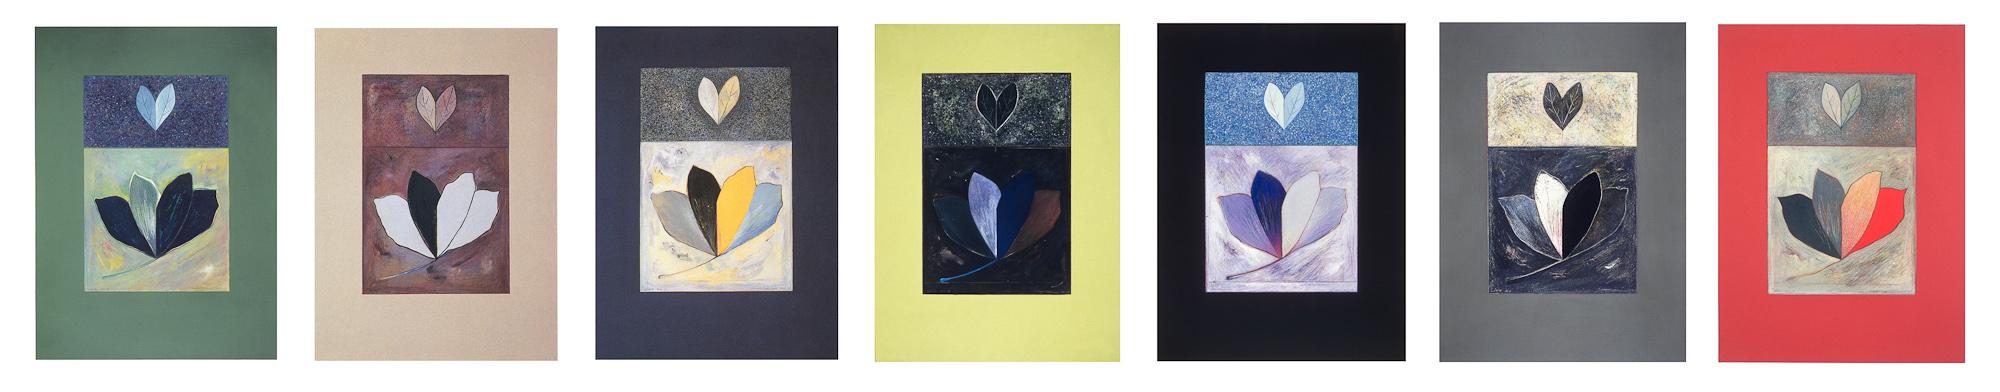 Joie, no 1 à 7, 1993 - 1995. Gouache et crayon sur carton, 69 x 350 cm. Collection Loto-Québec, Montreal, Qc.